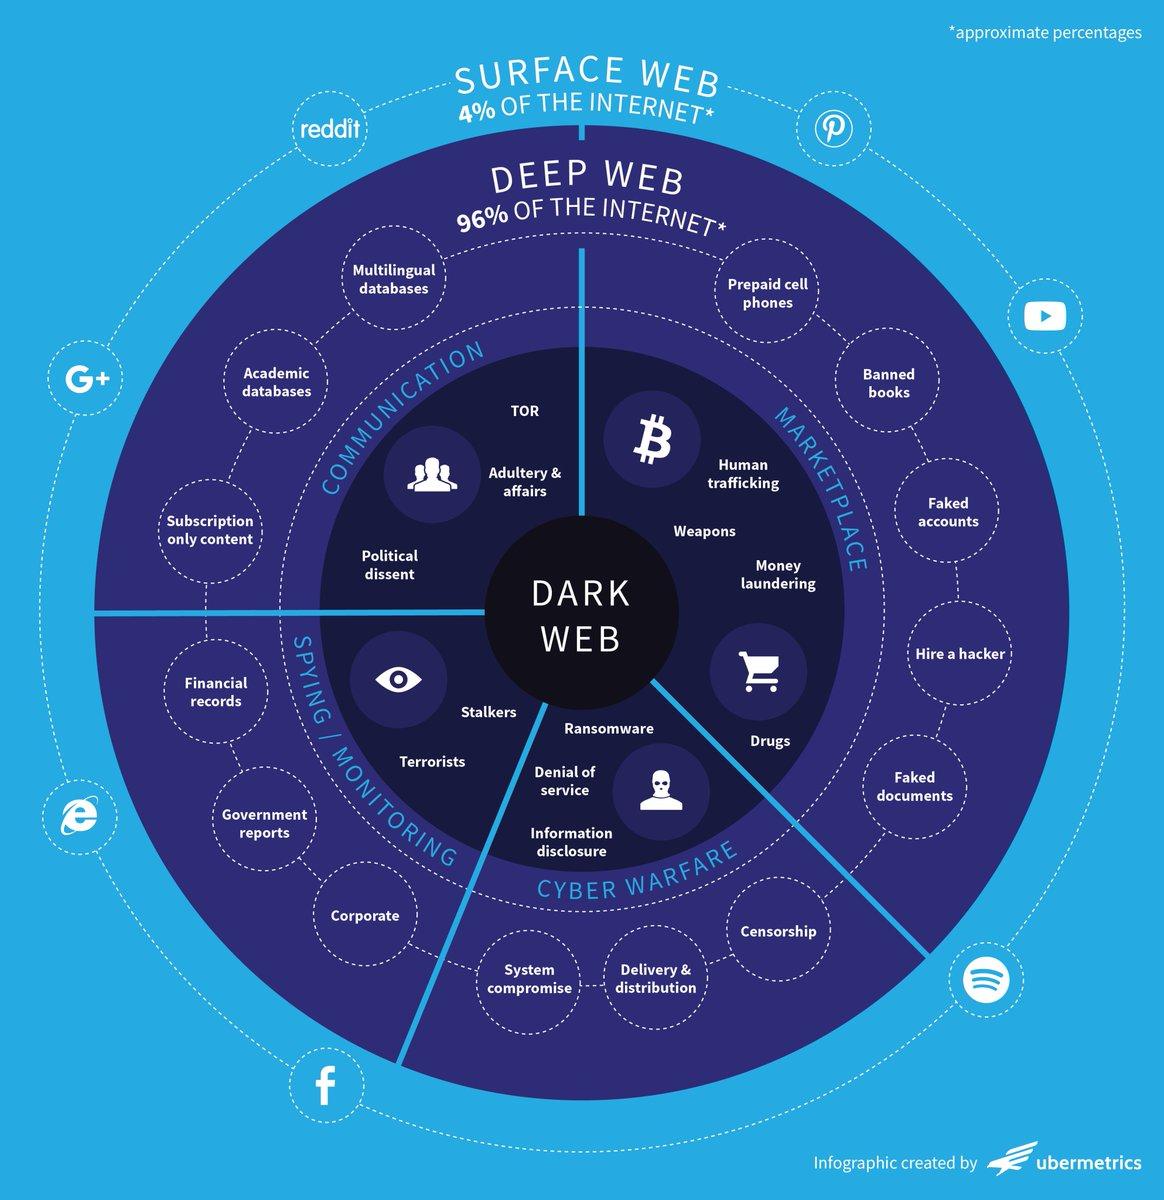 Tor darknet deep web gidra скачать хороший тор браузер gydra